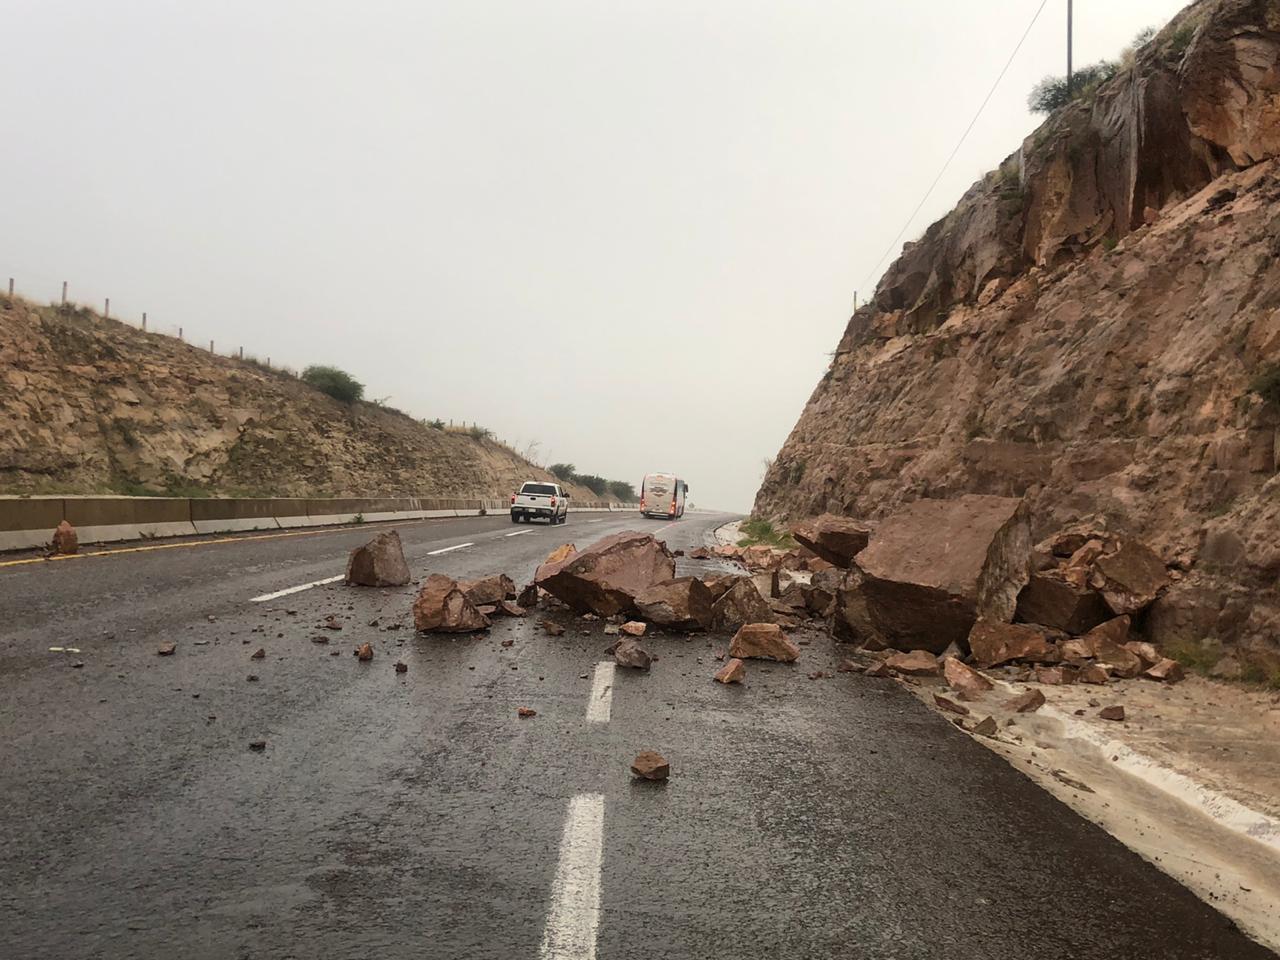 Pocos derrumbes en carreteras: SCT